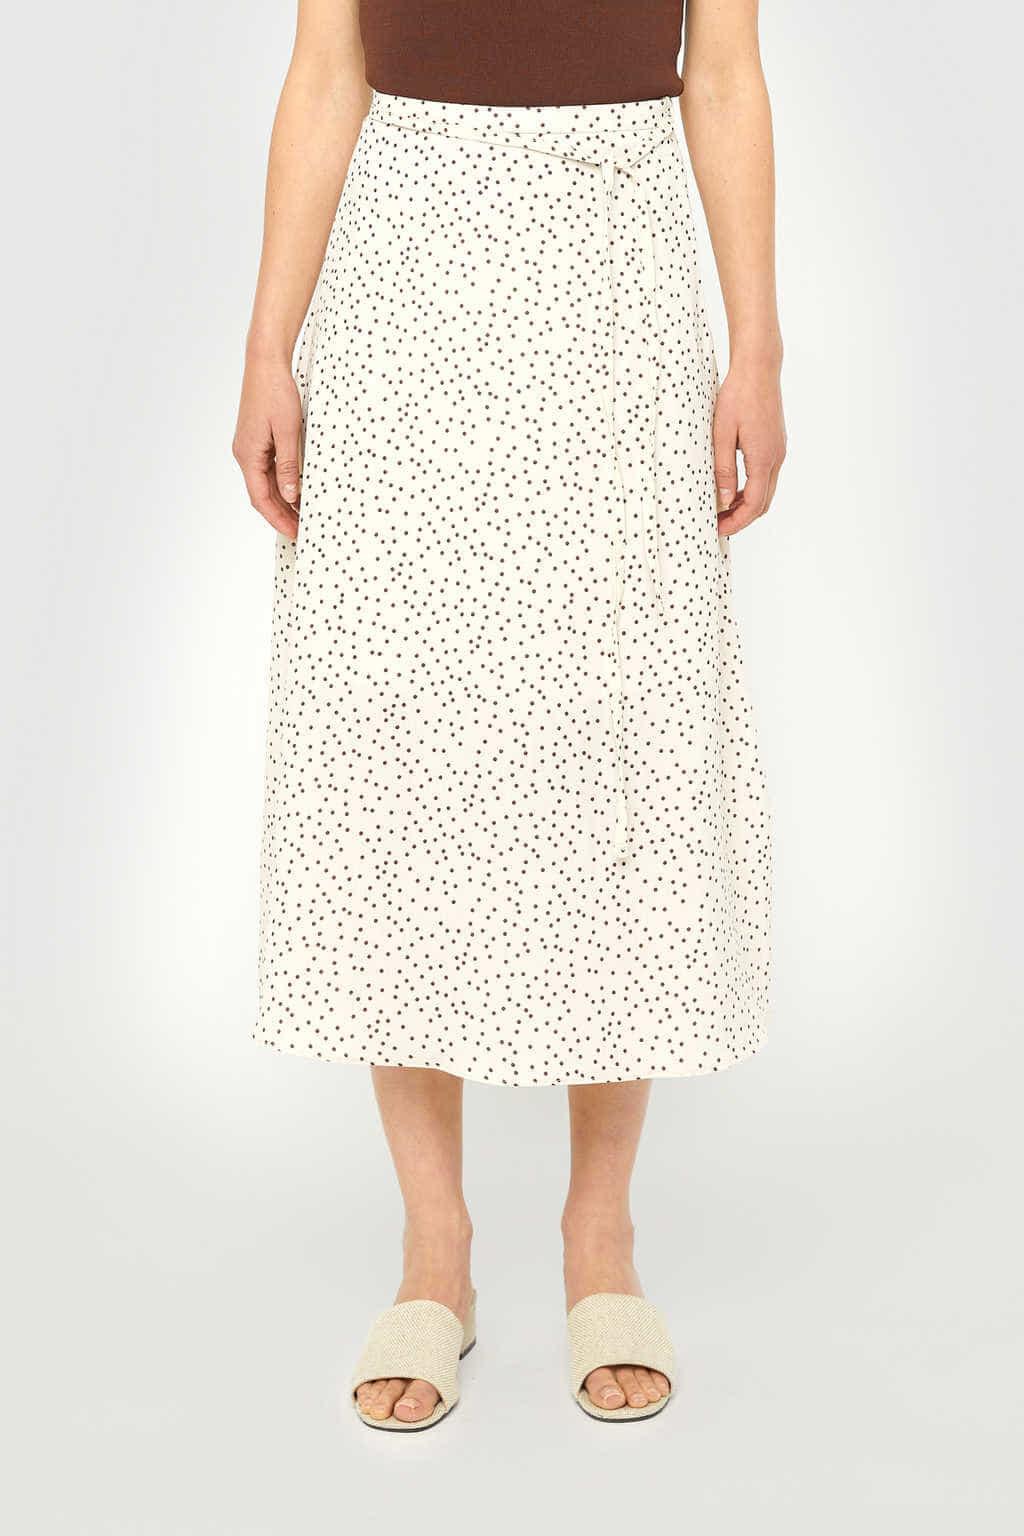 Skirt K025 Cream 3